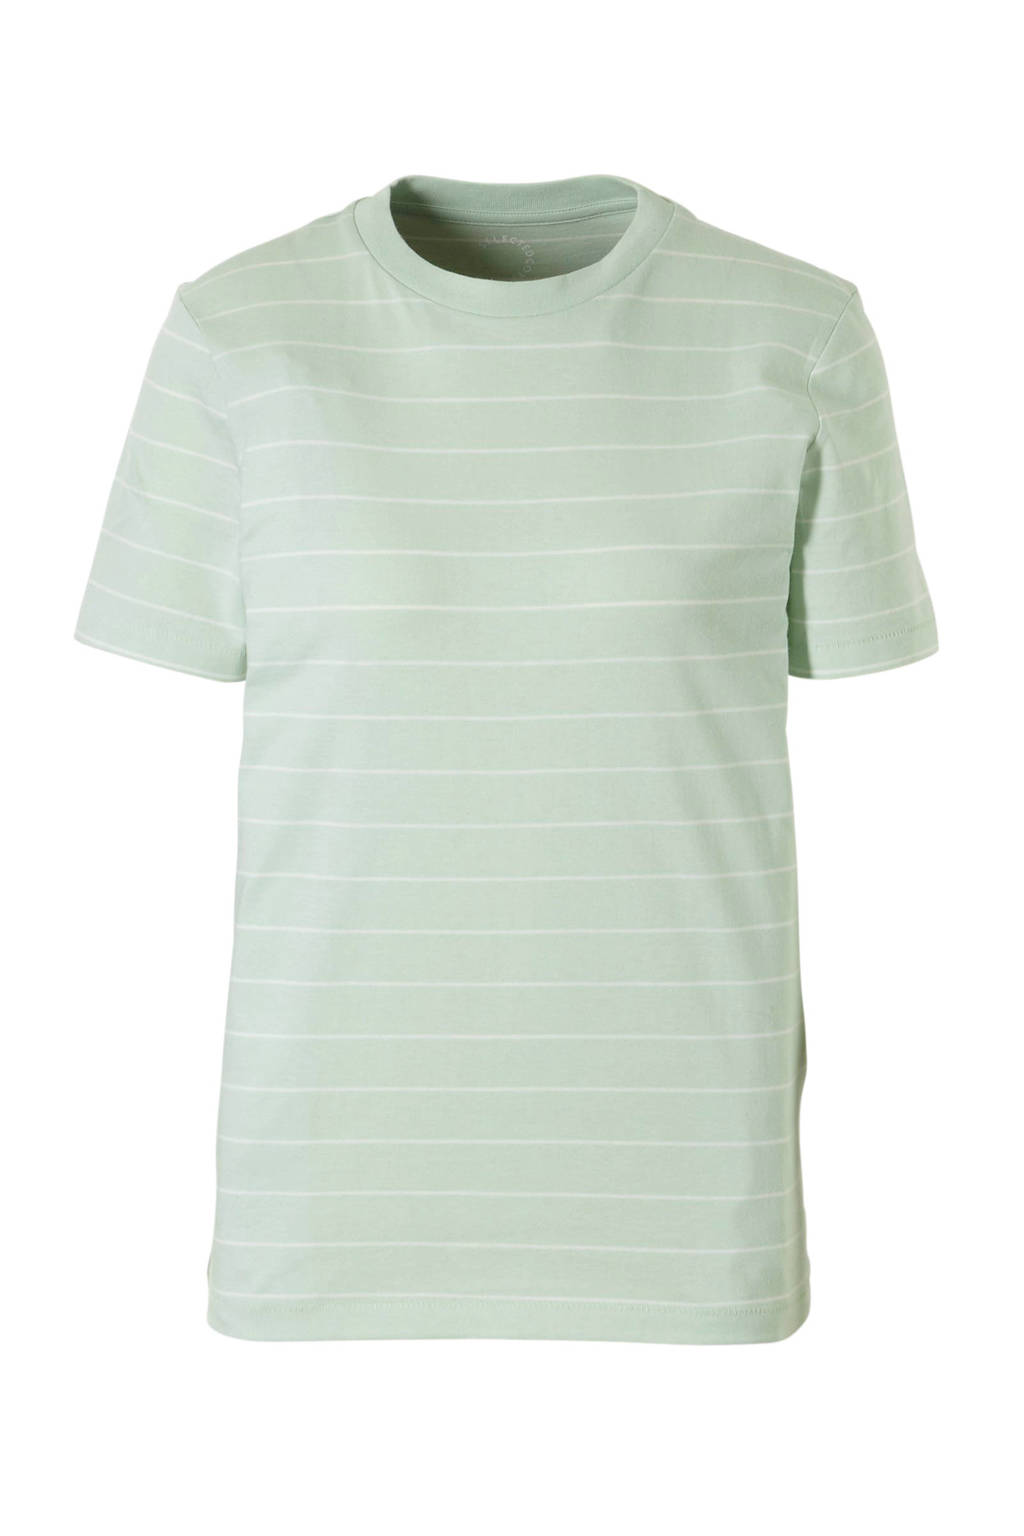 SELECTED FEMME gestreept T-shirt, Lichtgroen